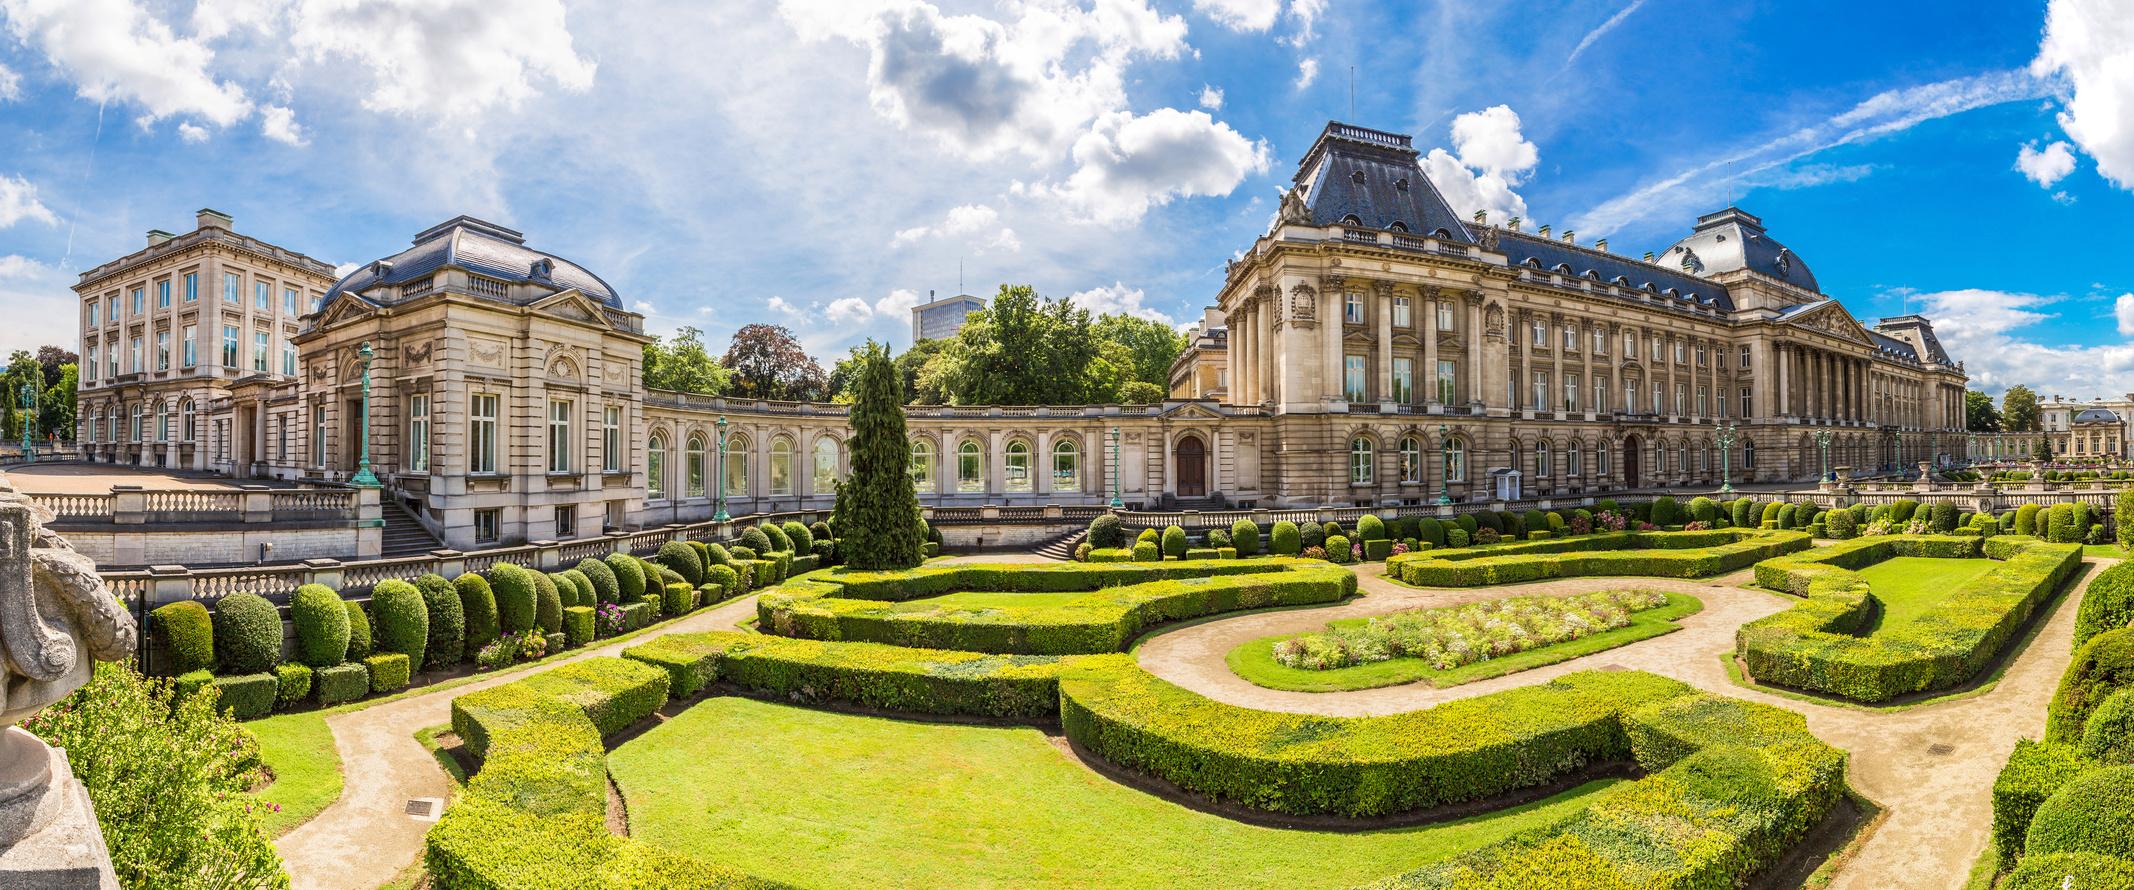 Brüssel Sehenswürdigkeiten Karte.Die Top 10 Brüssel Sehenswürdigkeiten In 2019 Travelcircus